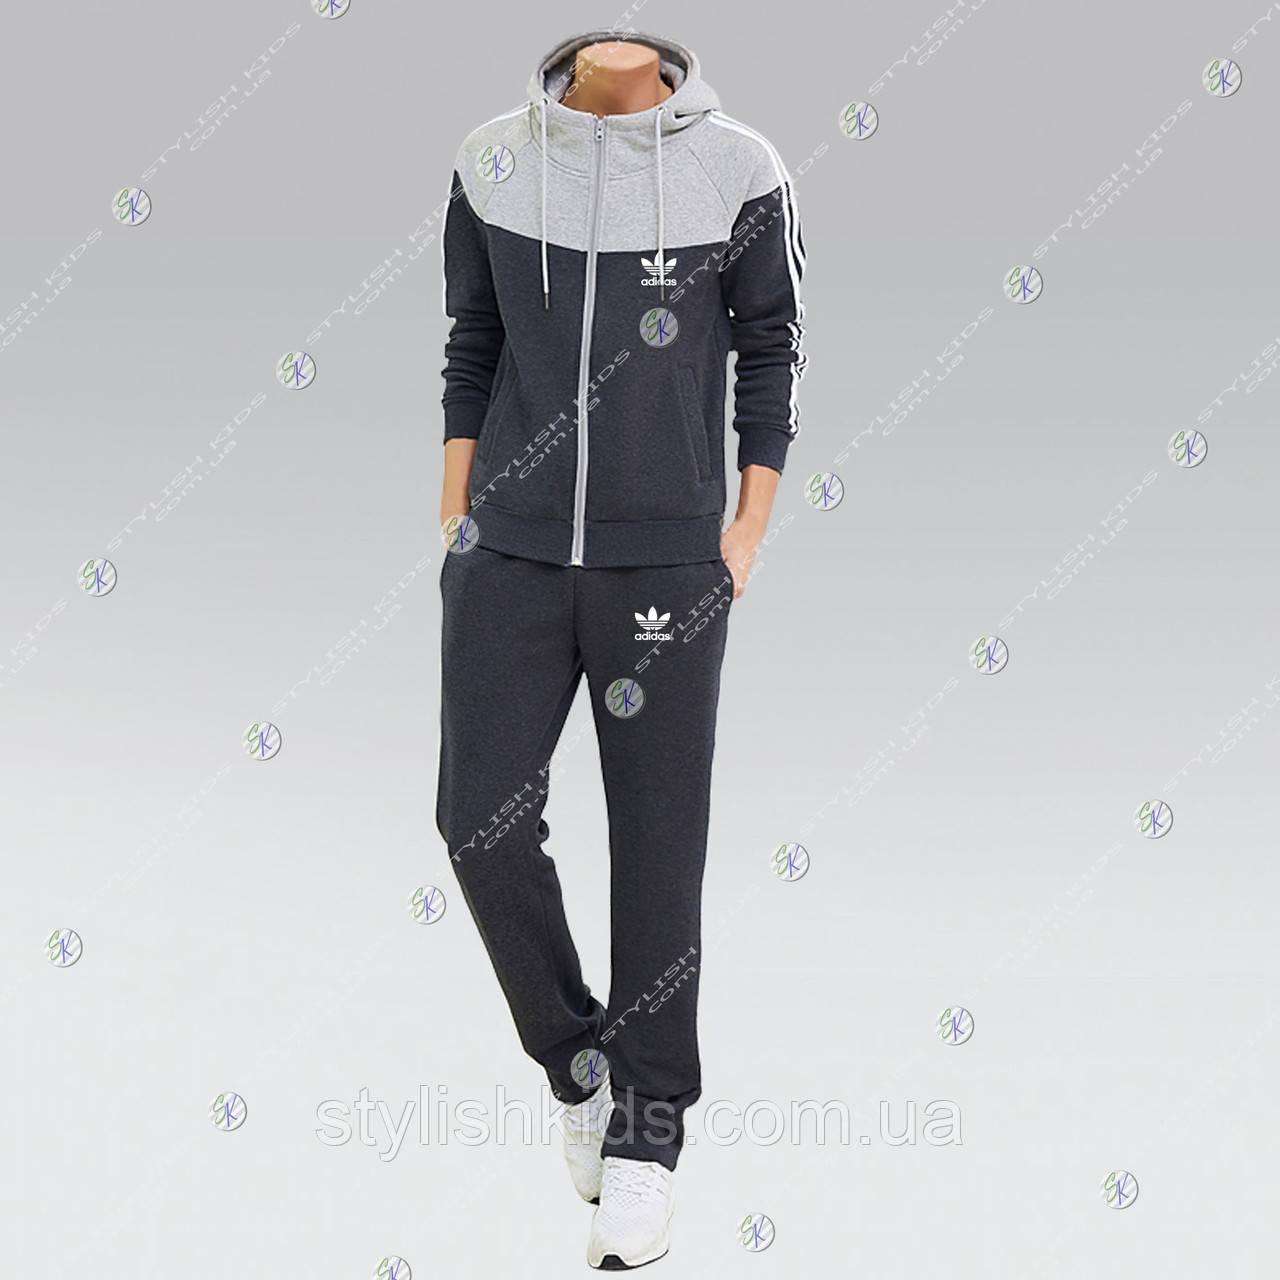 b5cc66d1d4c8e8 Купить спортивный костюм подростковый adidas.Спортивный костюм подростковый  купить в интернет магазине.